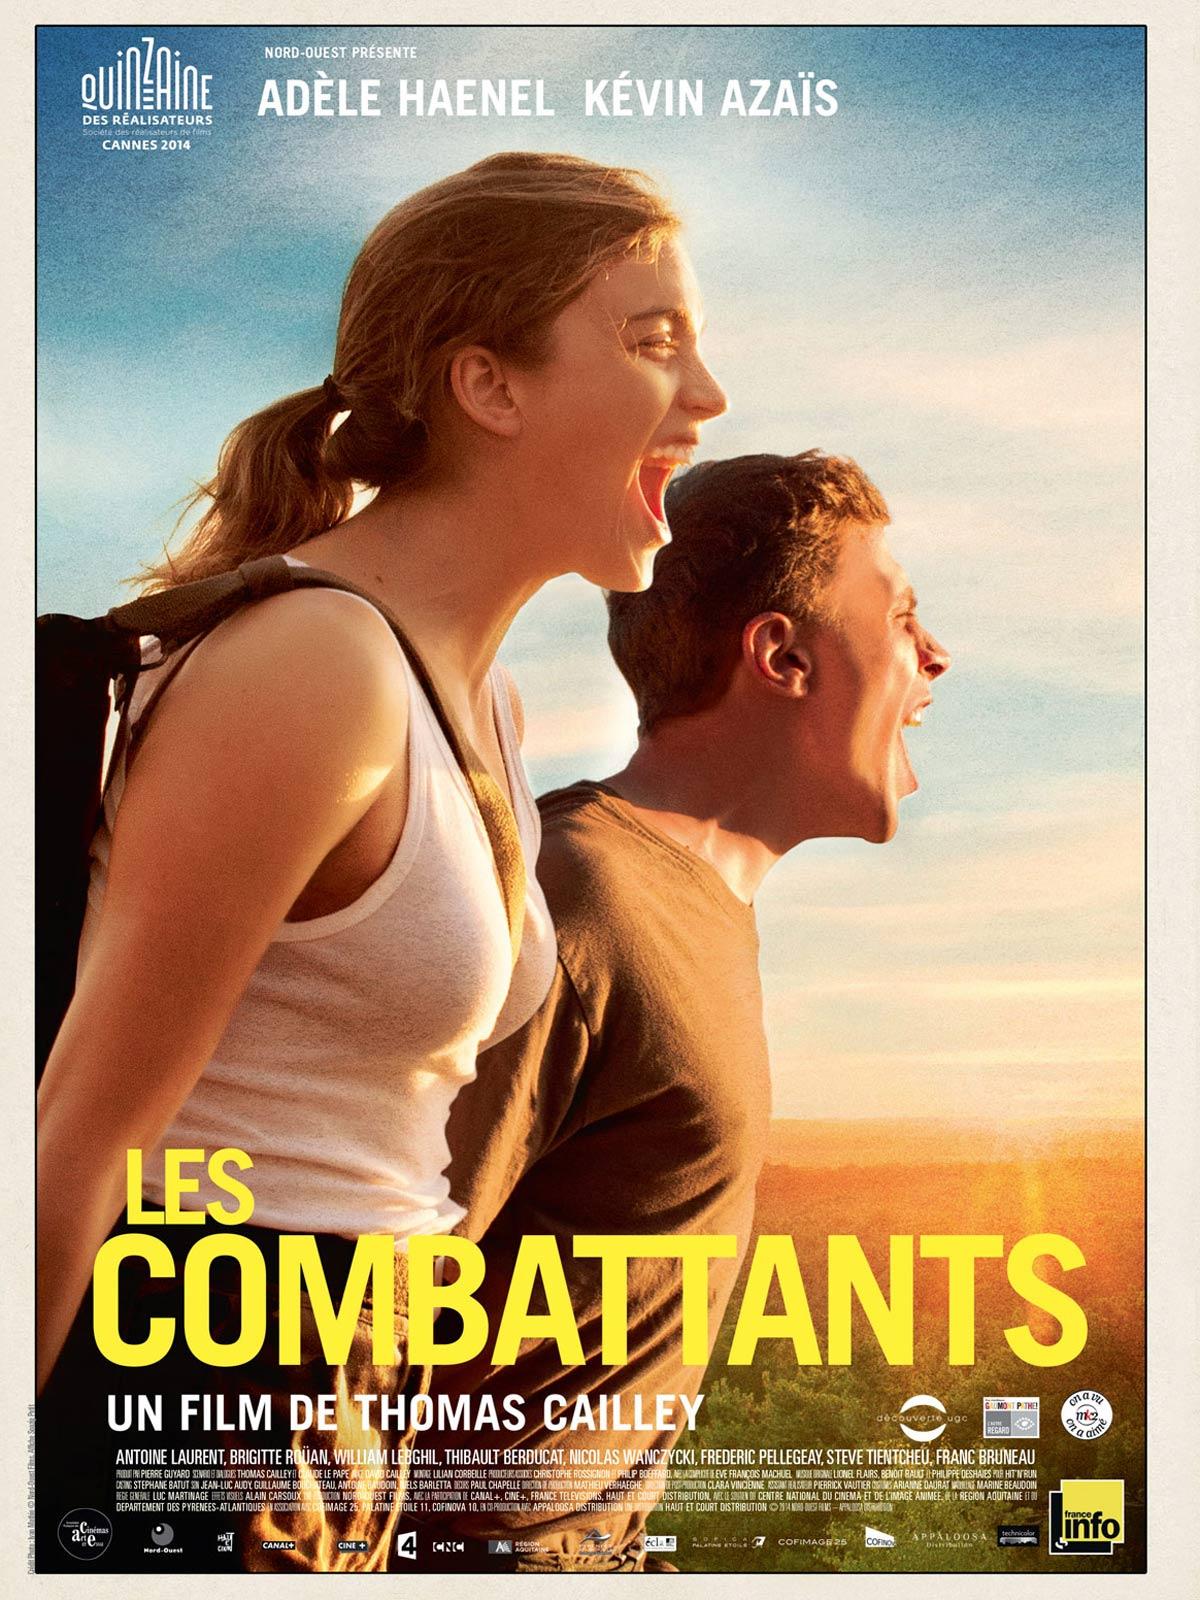 The Fighters - Addestramento di vita: la locandina francese del film